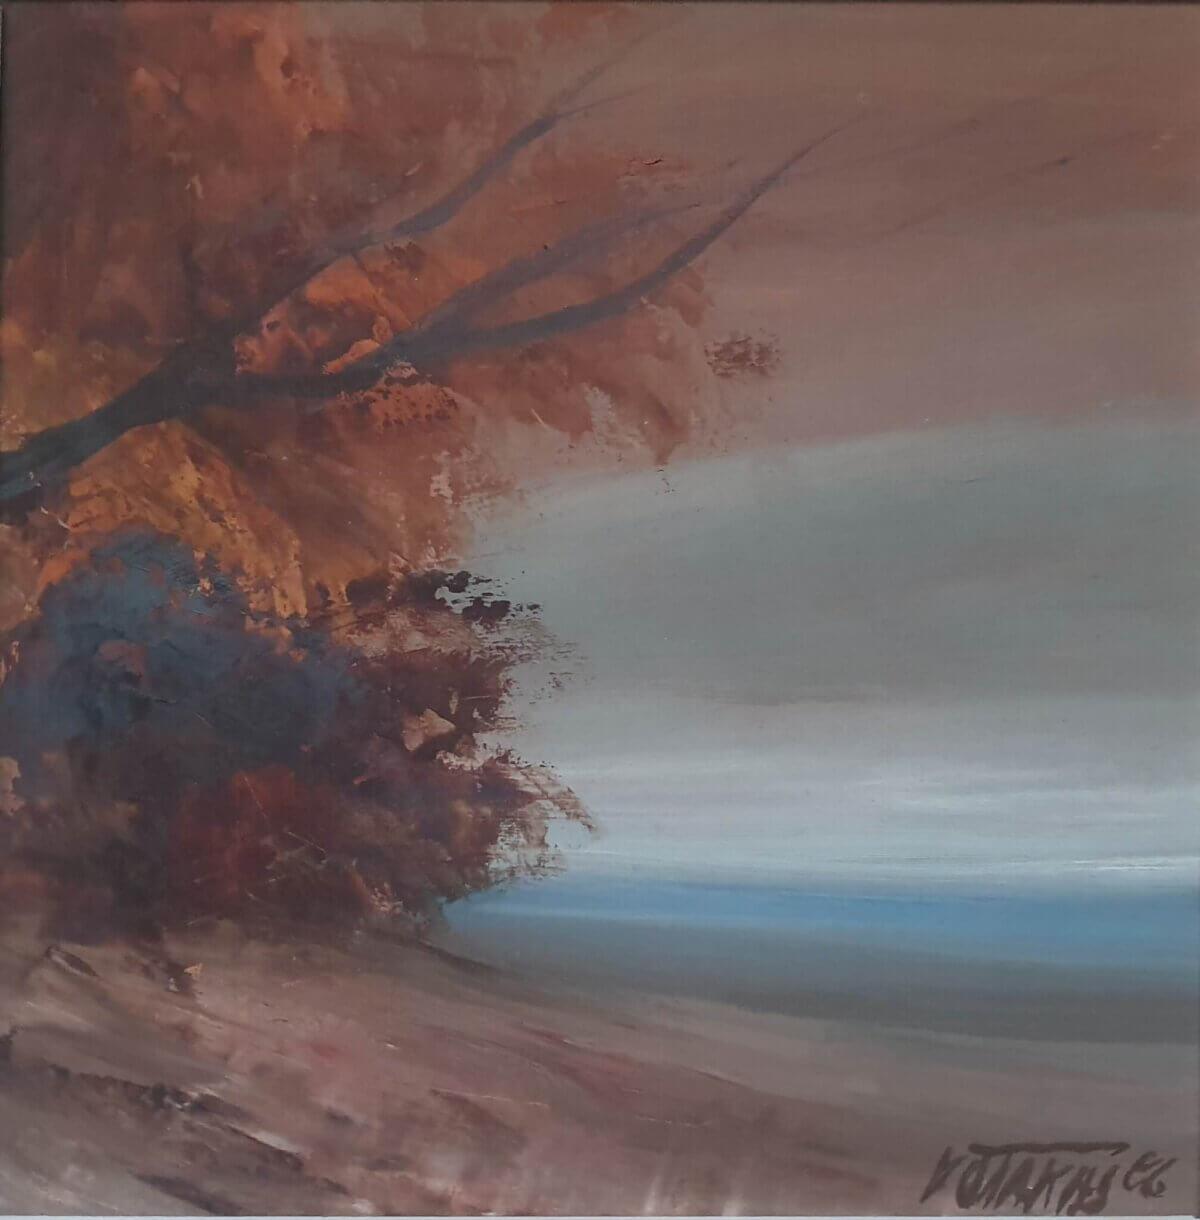 Valdur-Ohakas-Maastik-meri-Allee-galerii